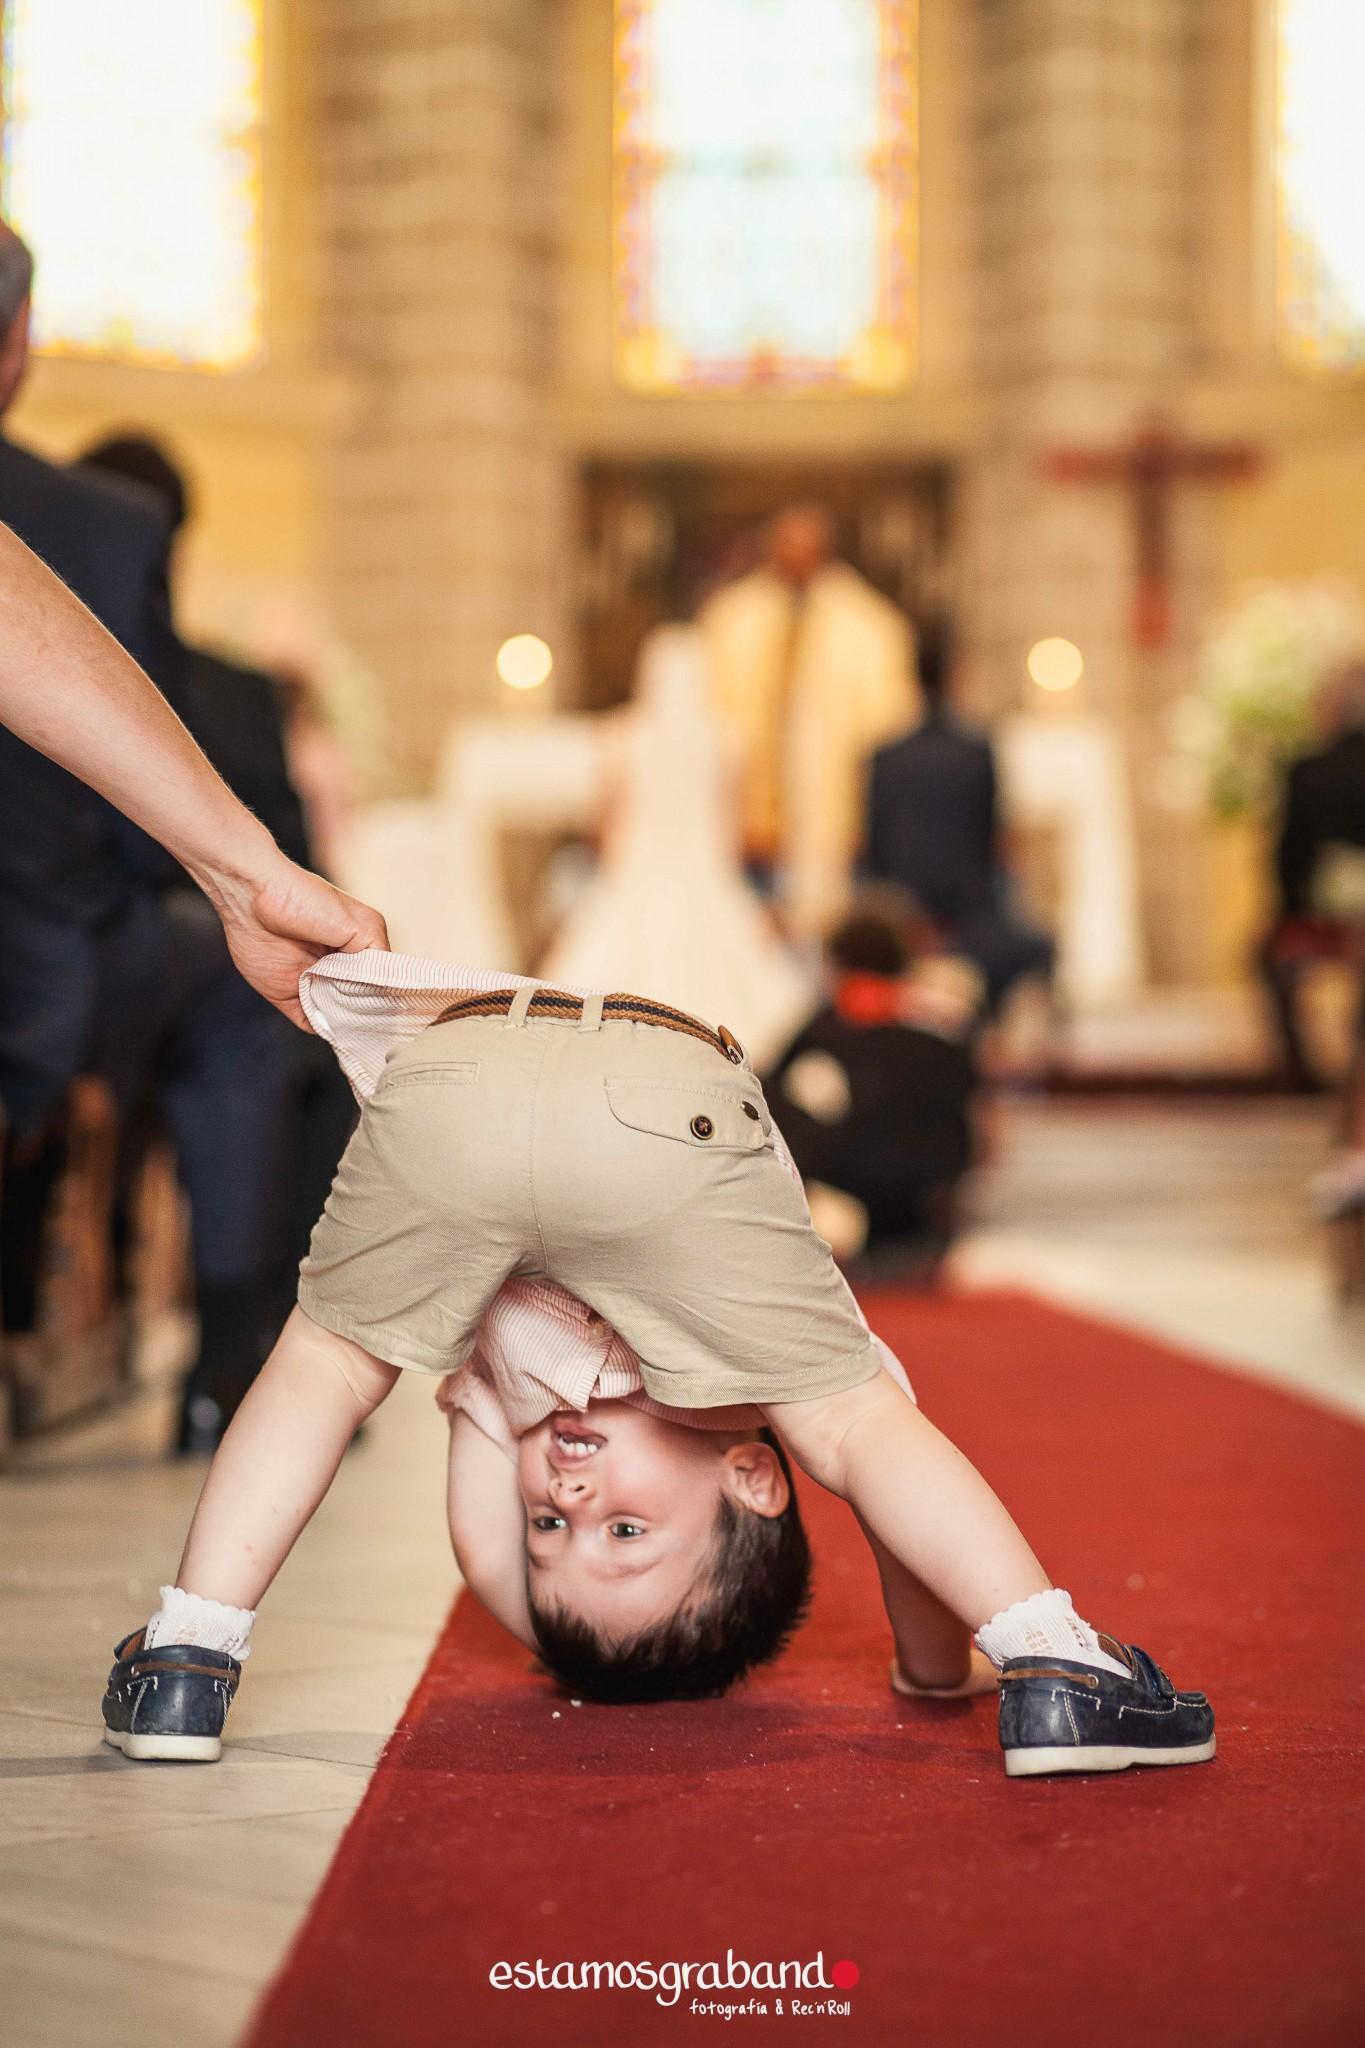 fotografo-de-bodas-jerez_mari-paz-jaime_bodegas-tradiciocc81n-32 32 escalones [Fotografía de bodas Jerez_Mari Paz & Jaime] - video boda cadiz